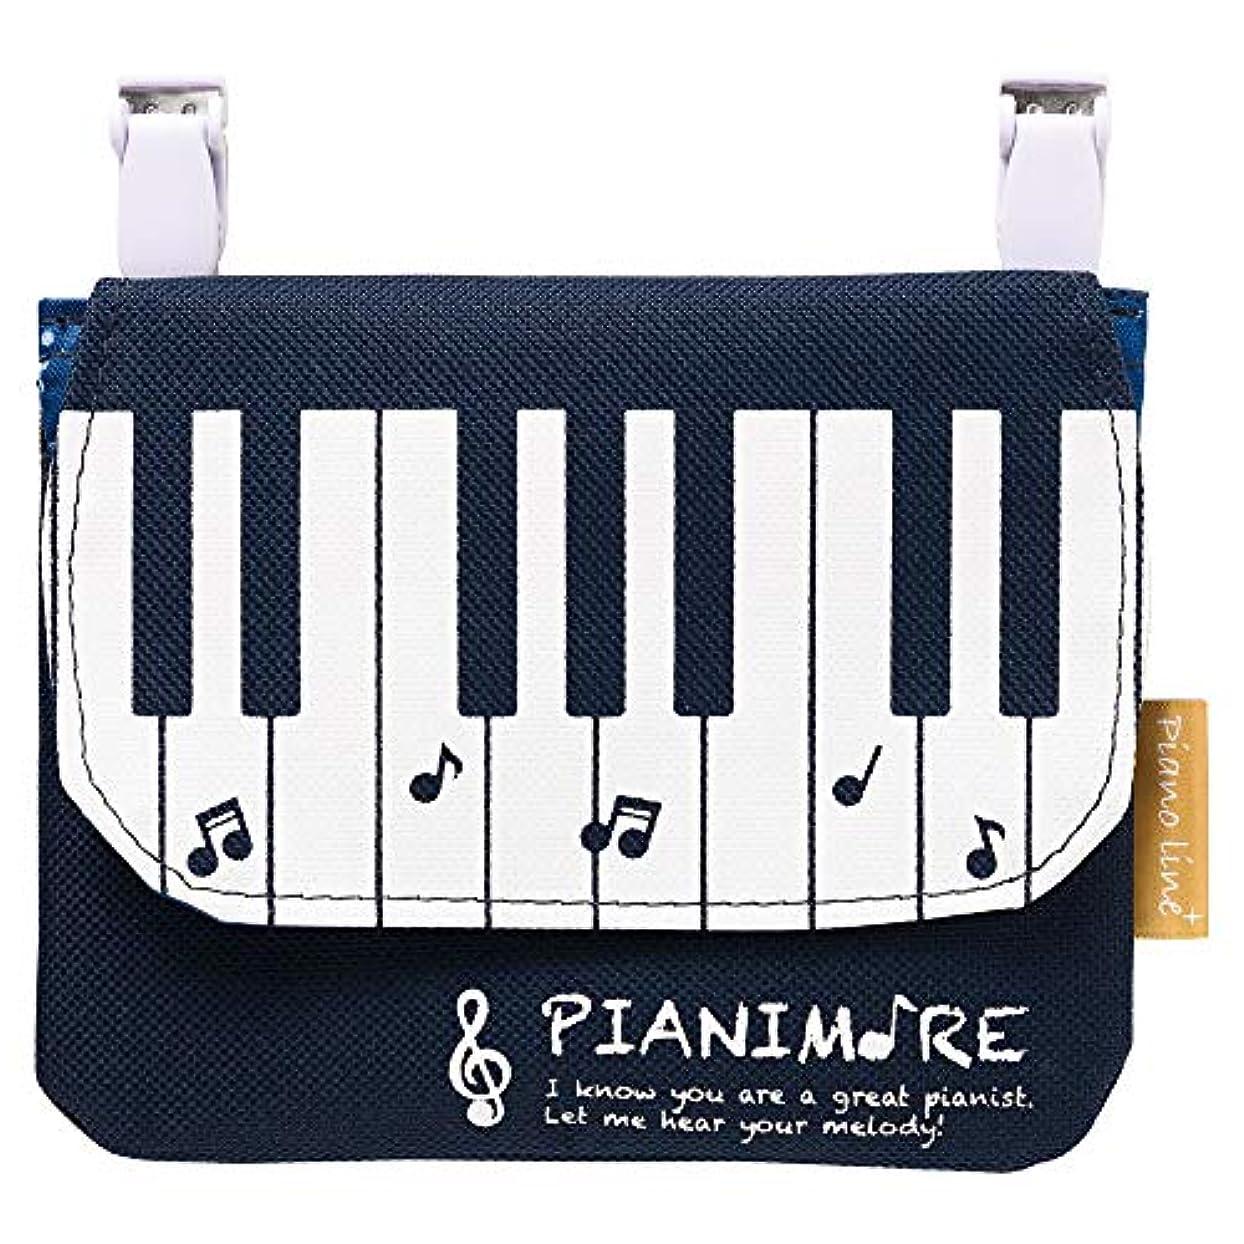 教師の日もろい場所Pianimore ポケットポーチ 鍵盤柄 移動ポケット ティッシュ入れ付き 女の子用